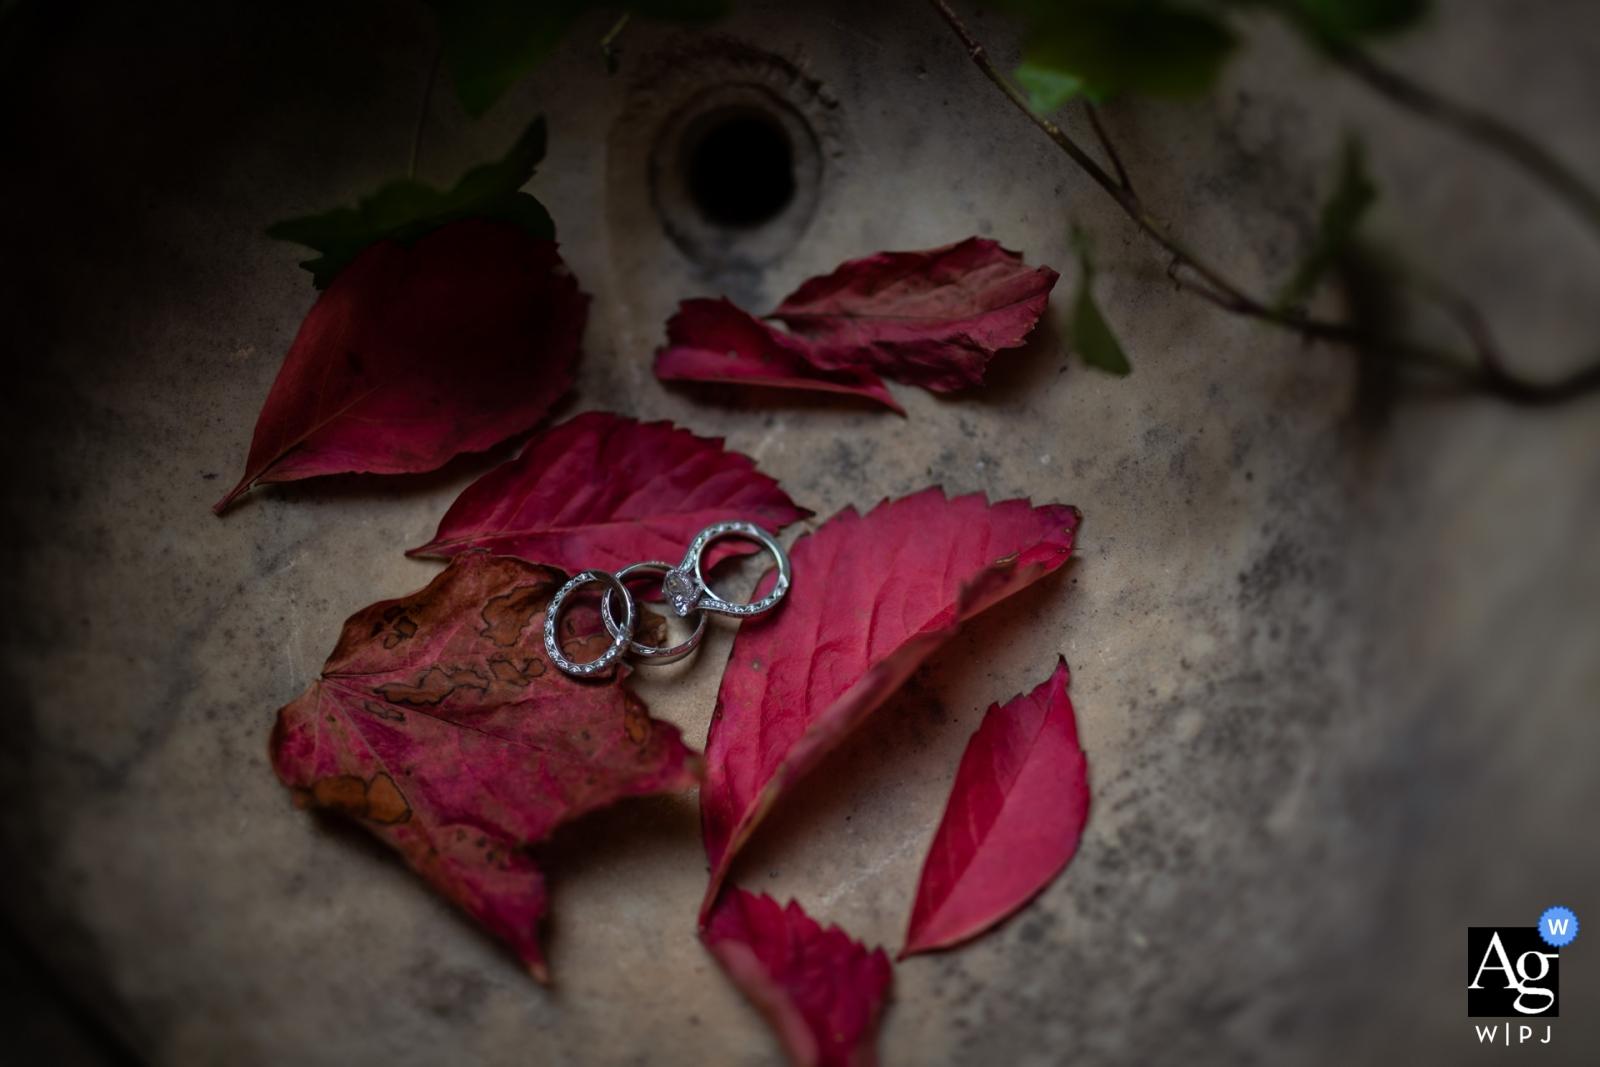 環形佛羅倫薩藝術創造性的攝影細節在紅色葉子的